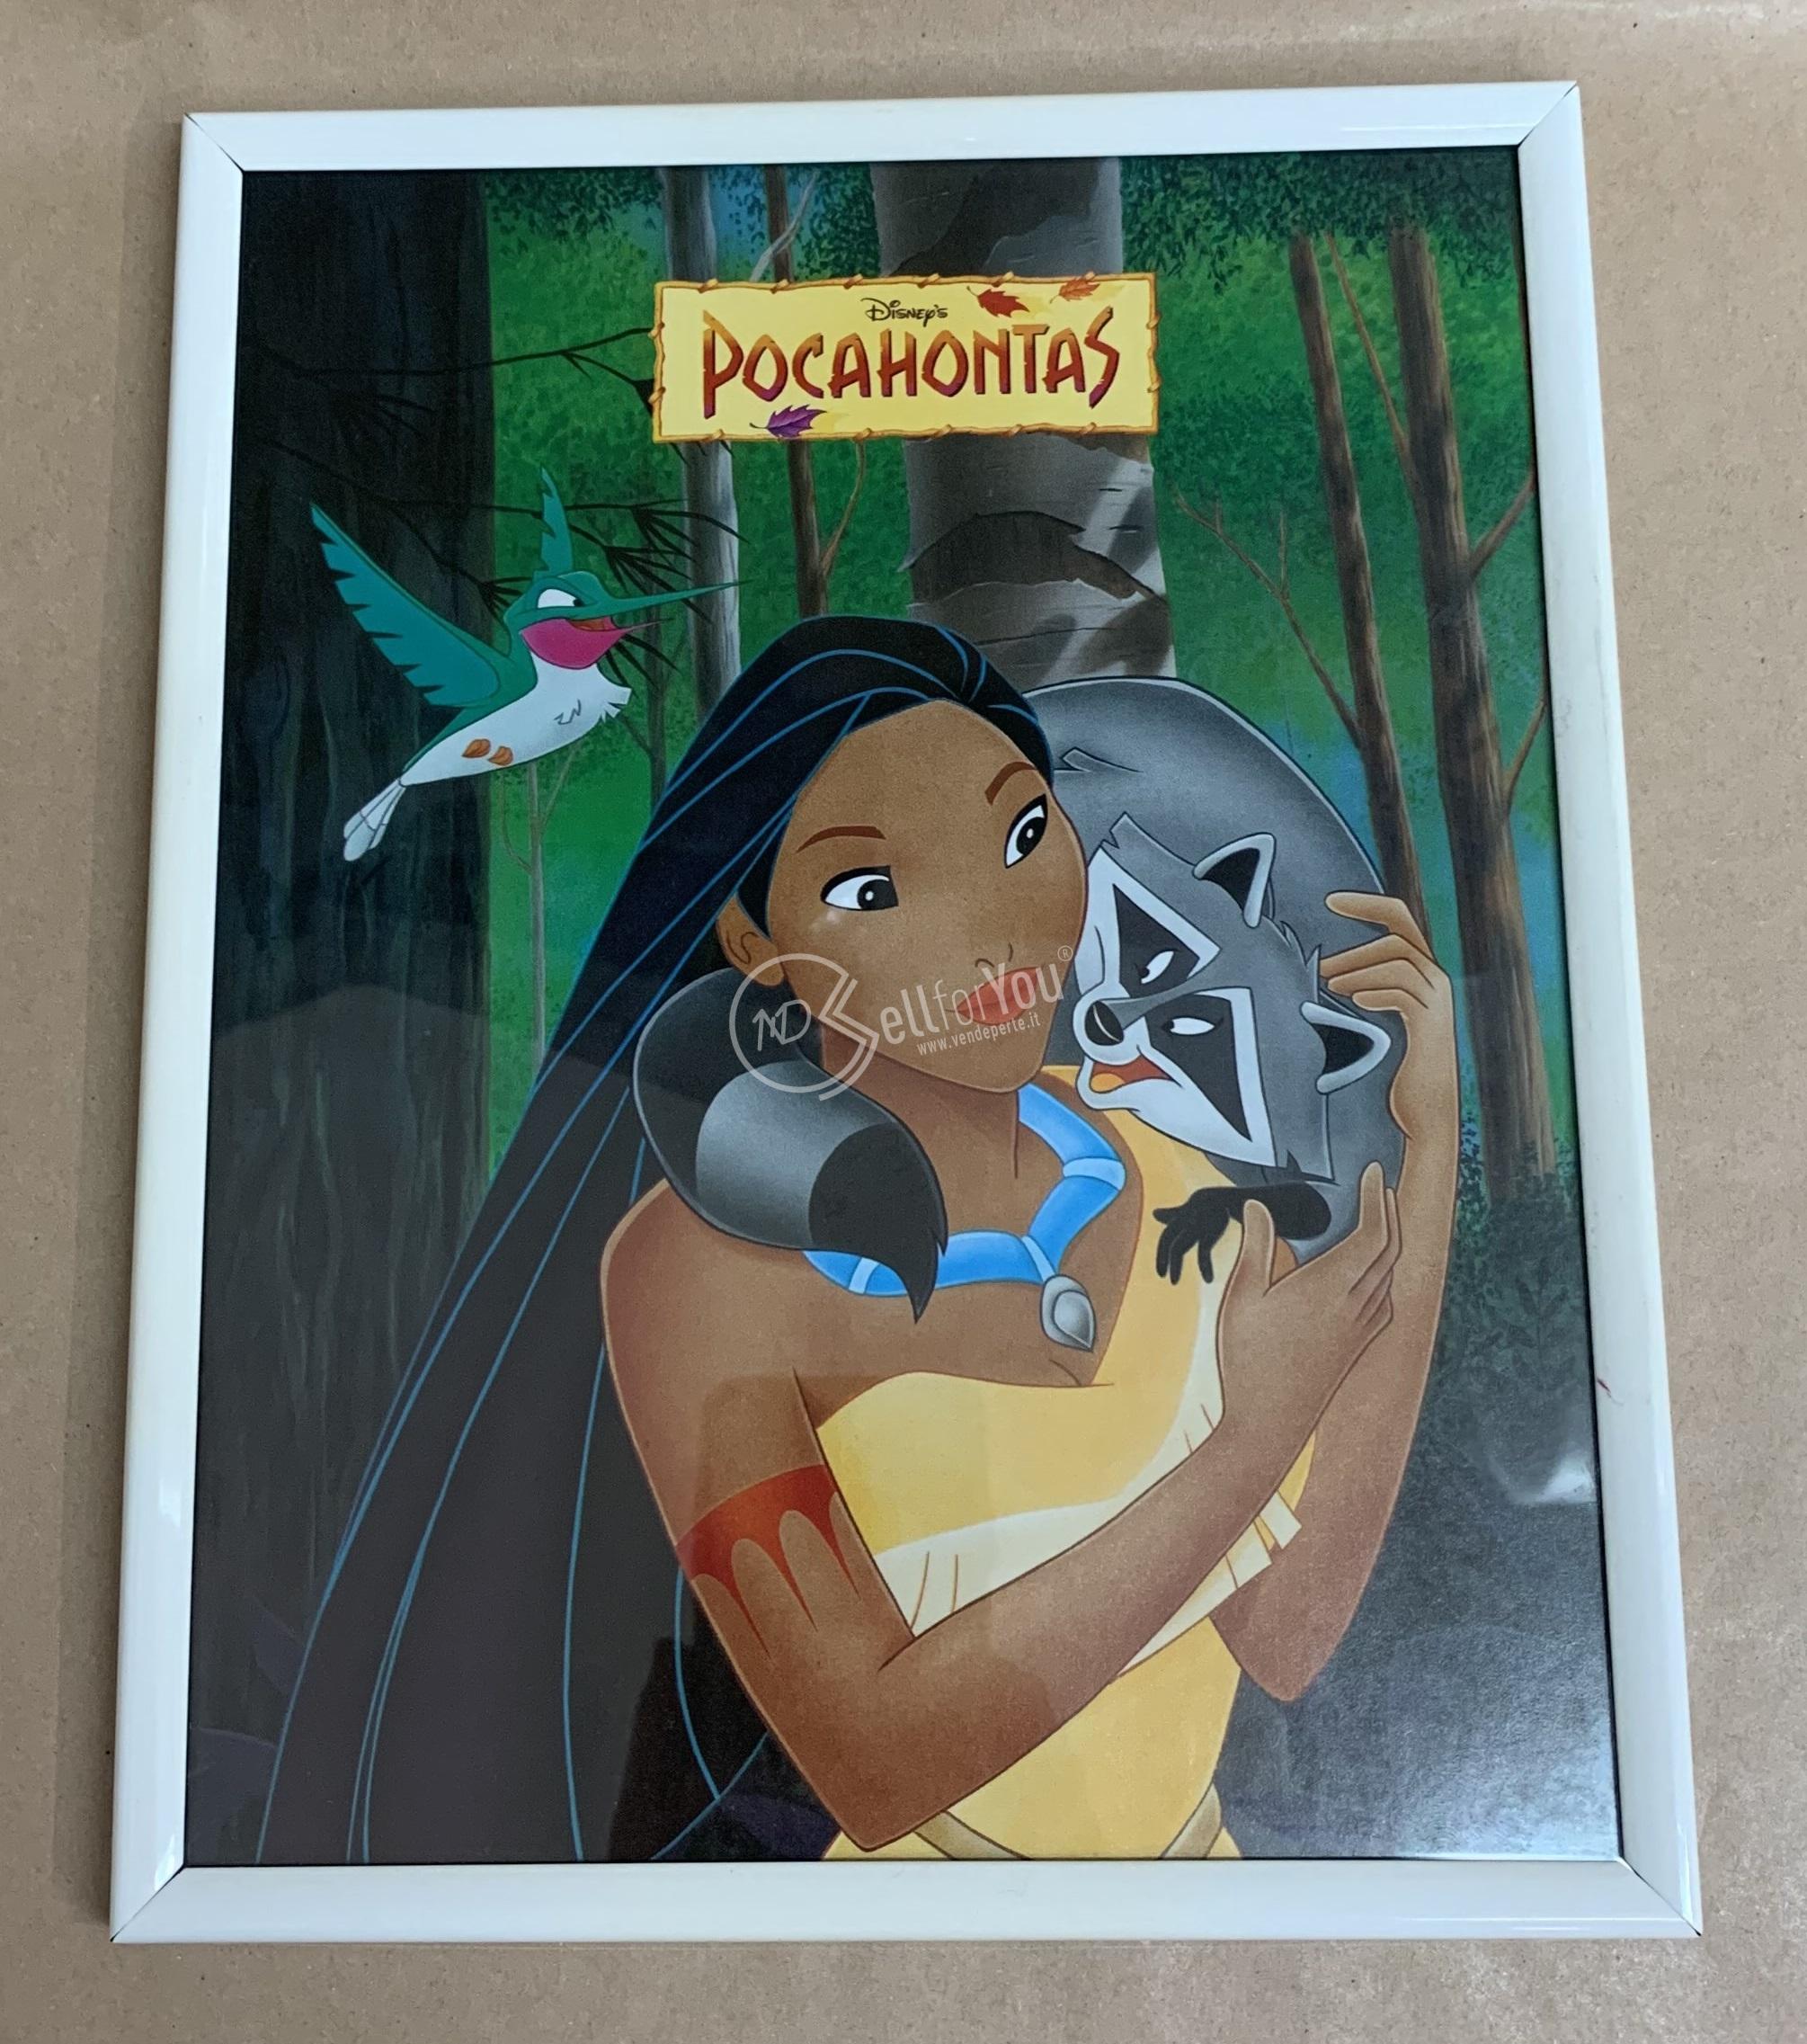 sellforyou immagine default articolo correlato non trovatoQuadro di Pocahontas - Disney's 26x21 cm